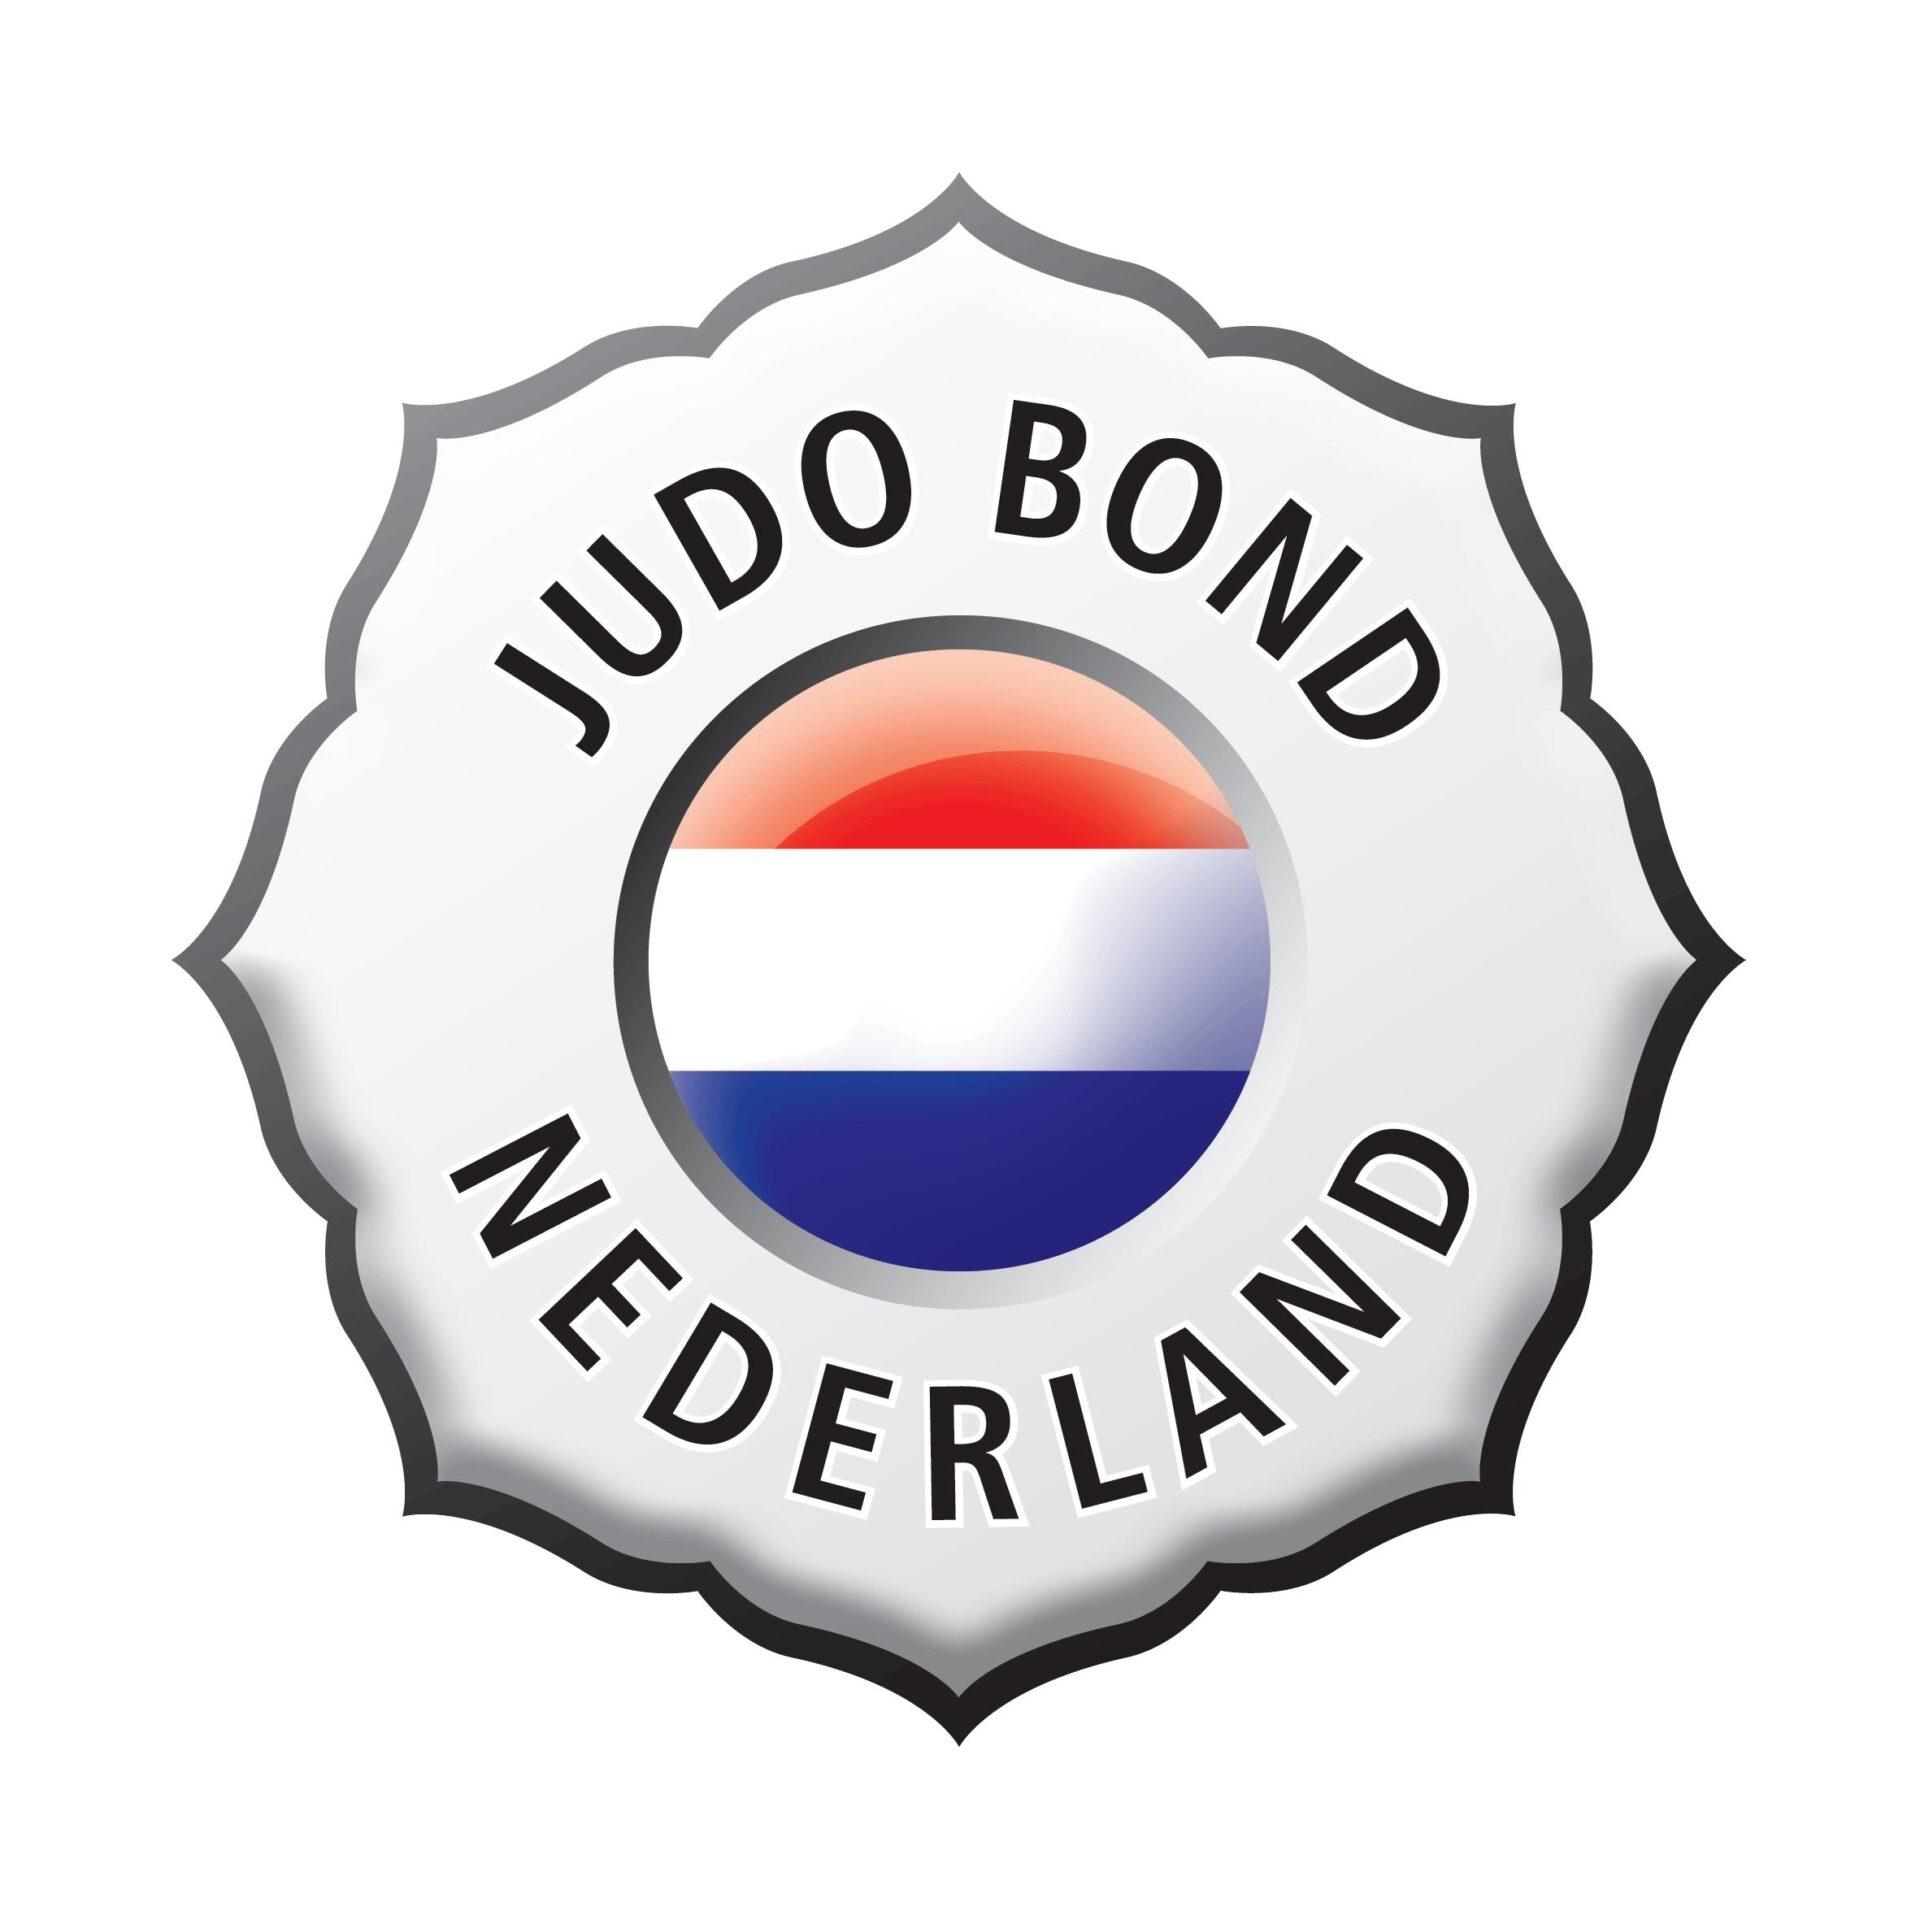 JBN Judo Bond Nederland